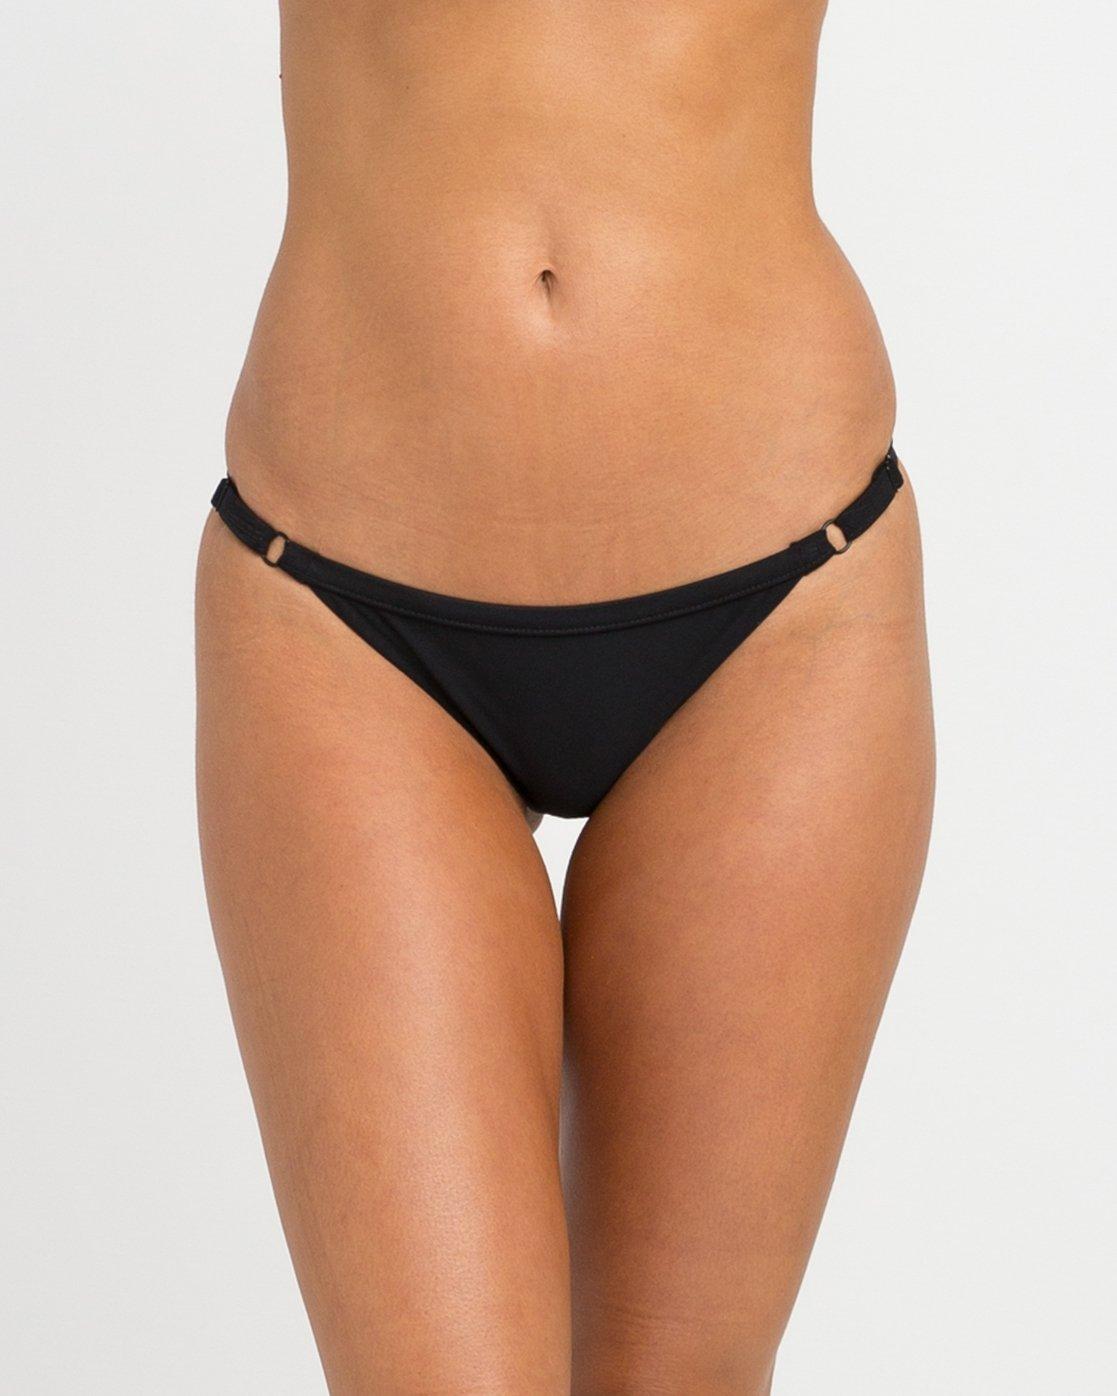 c78e9f7c9d 3 Solid Medium Bikini Bottoms Black SKXB01SM RVCA